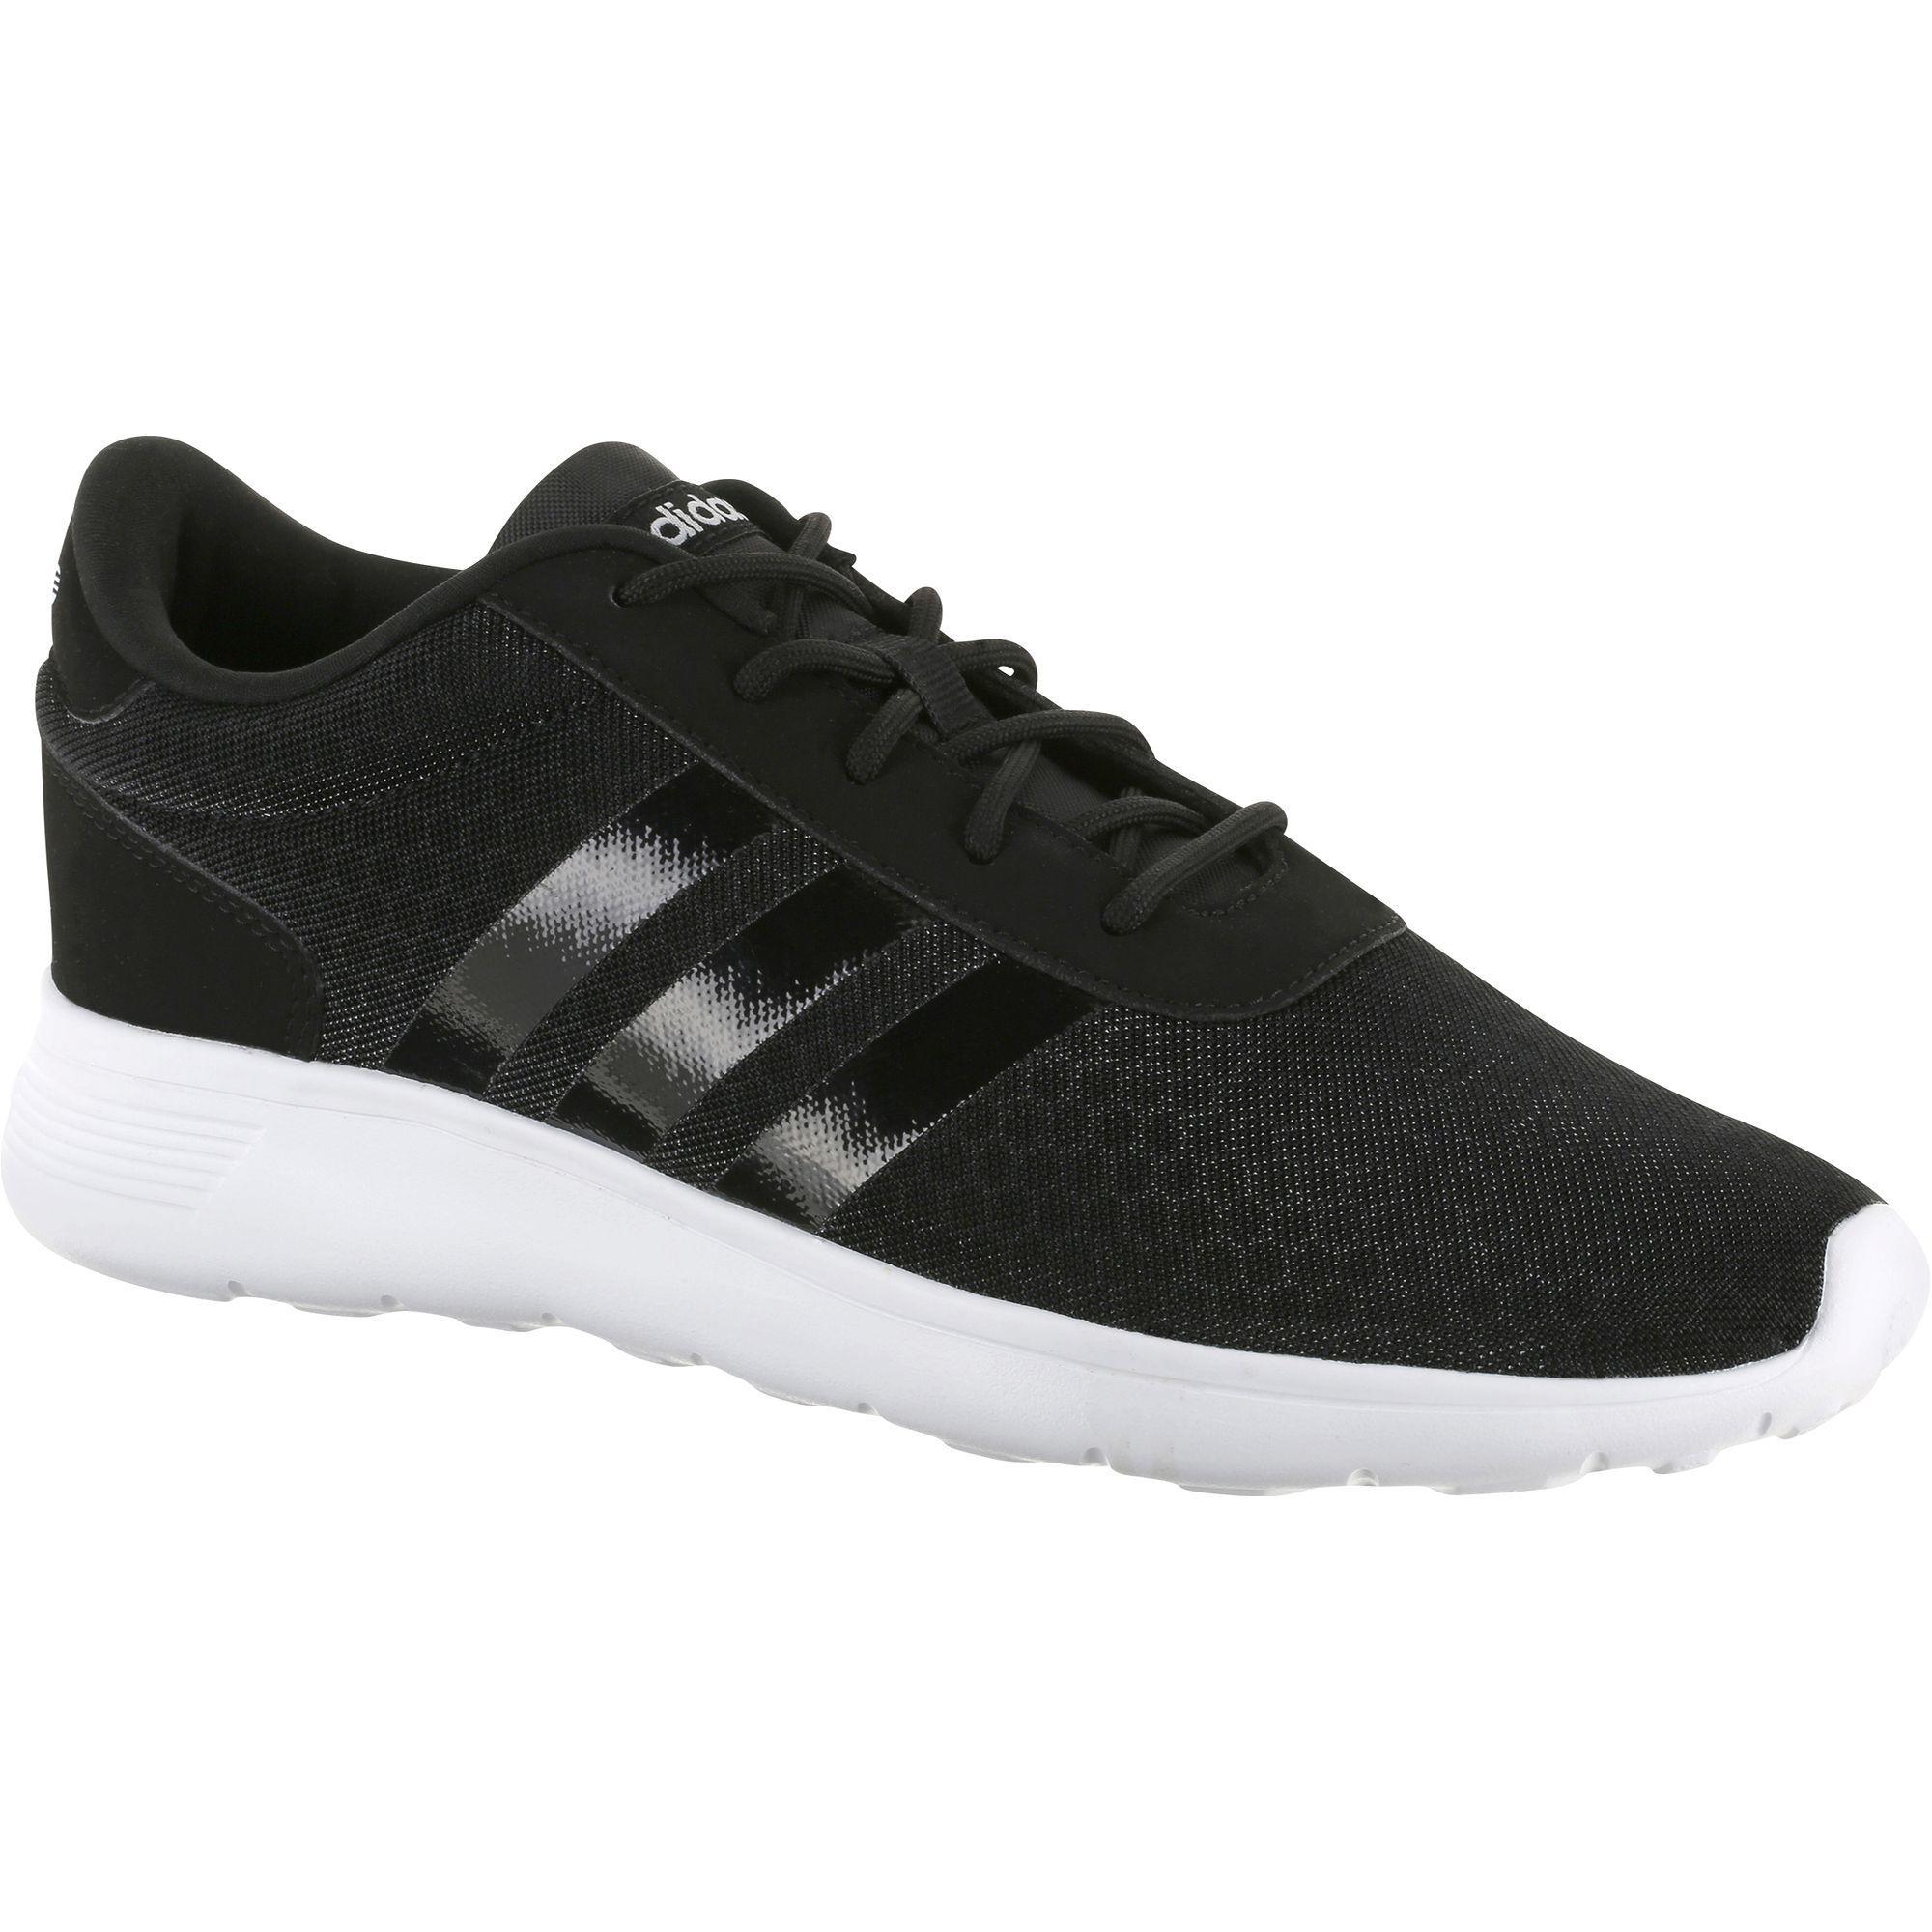 5dd0680bd5 Comprar Zapatillas de Andar para Mujer | Decathlon